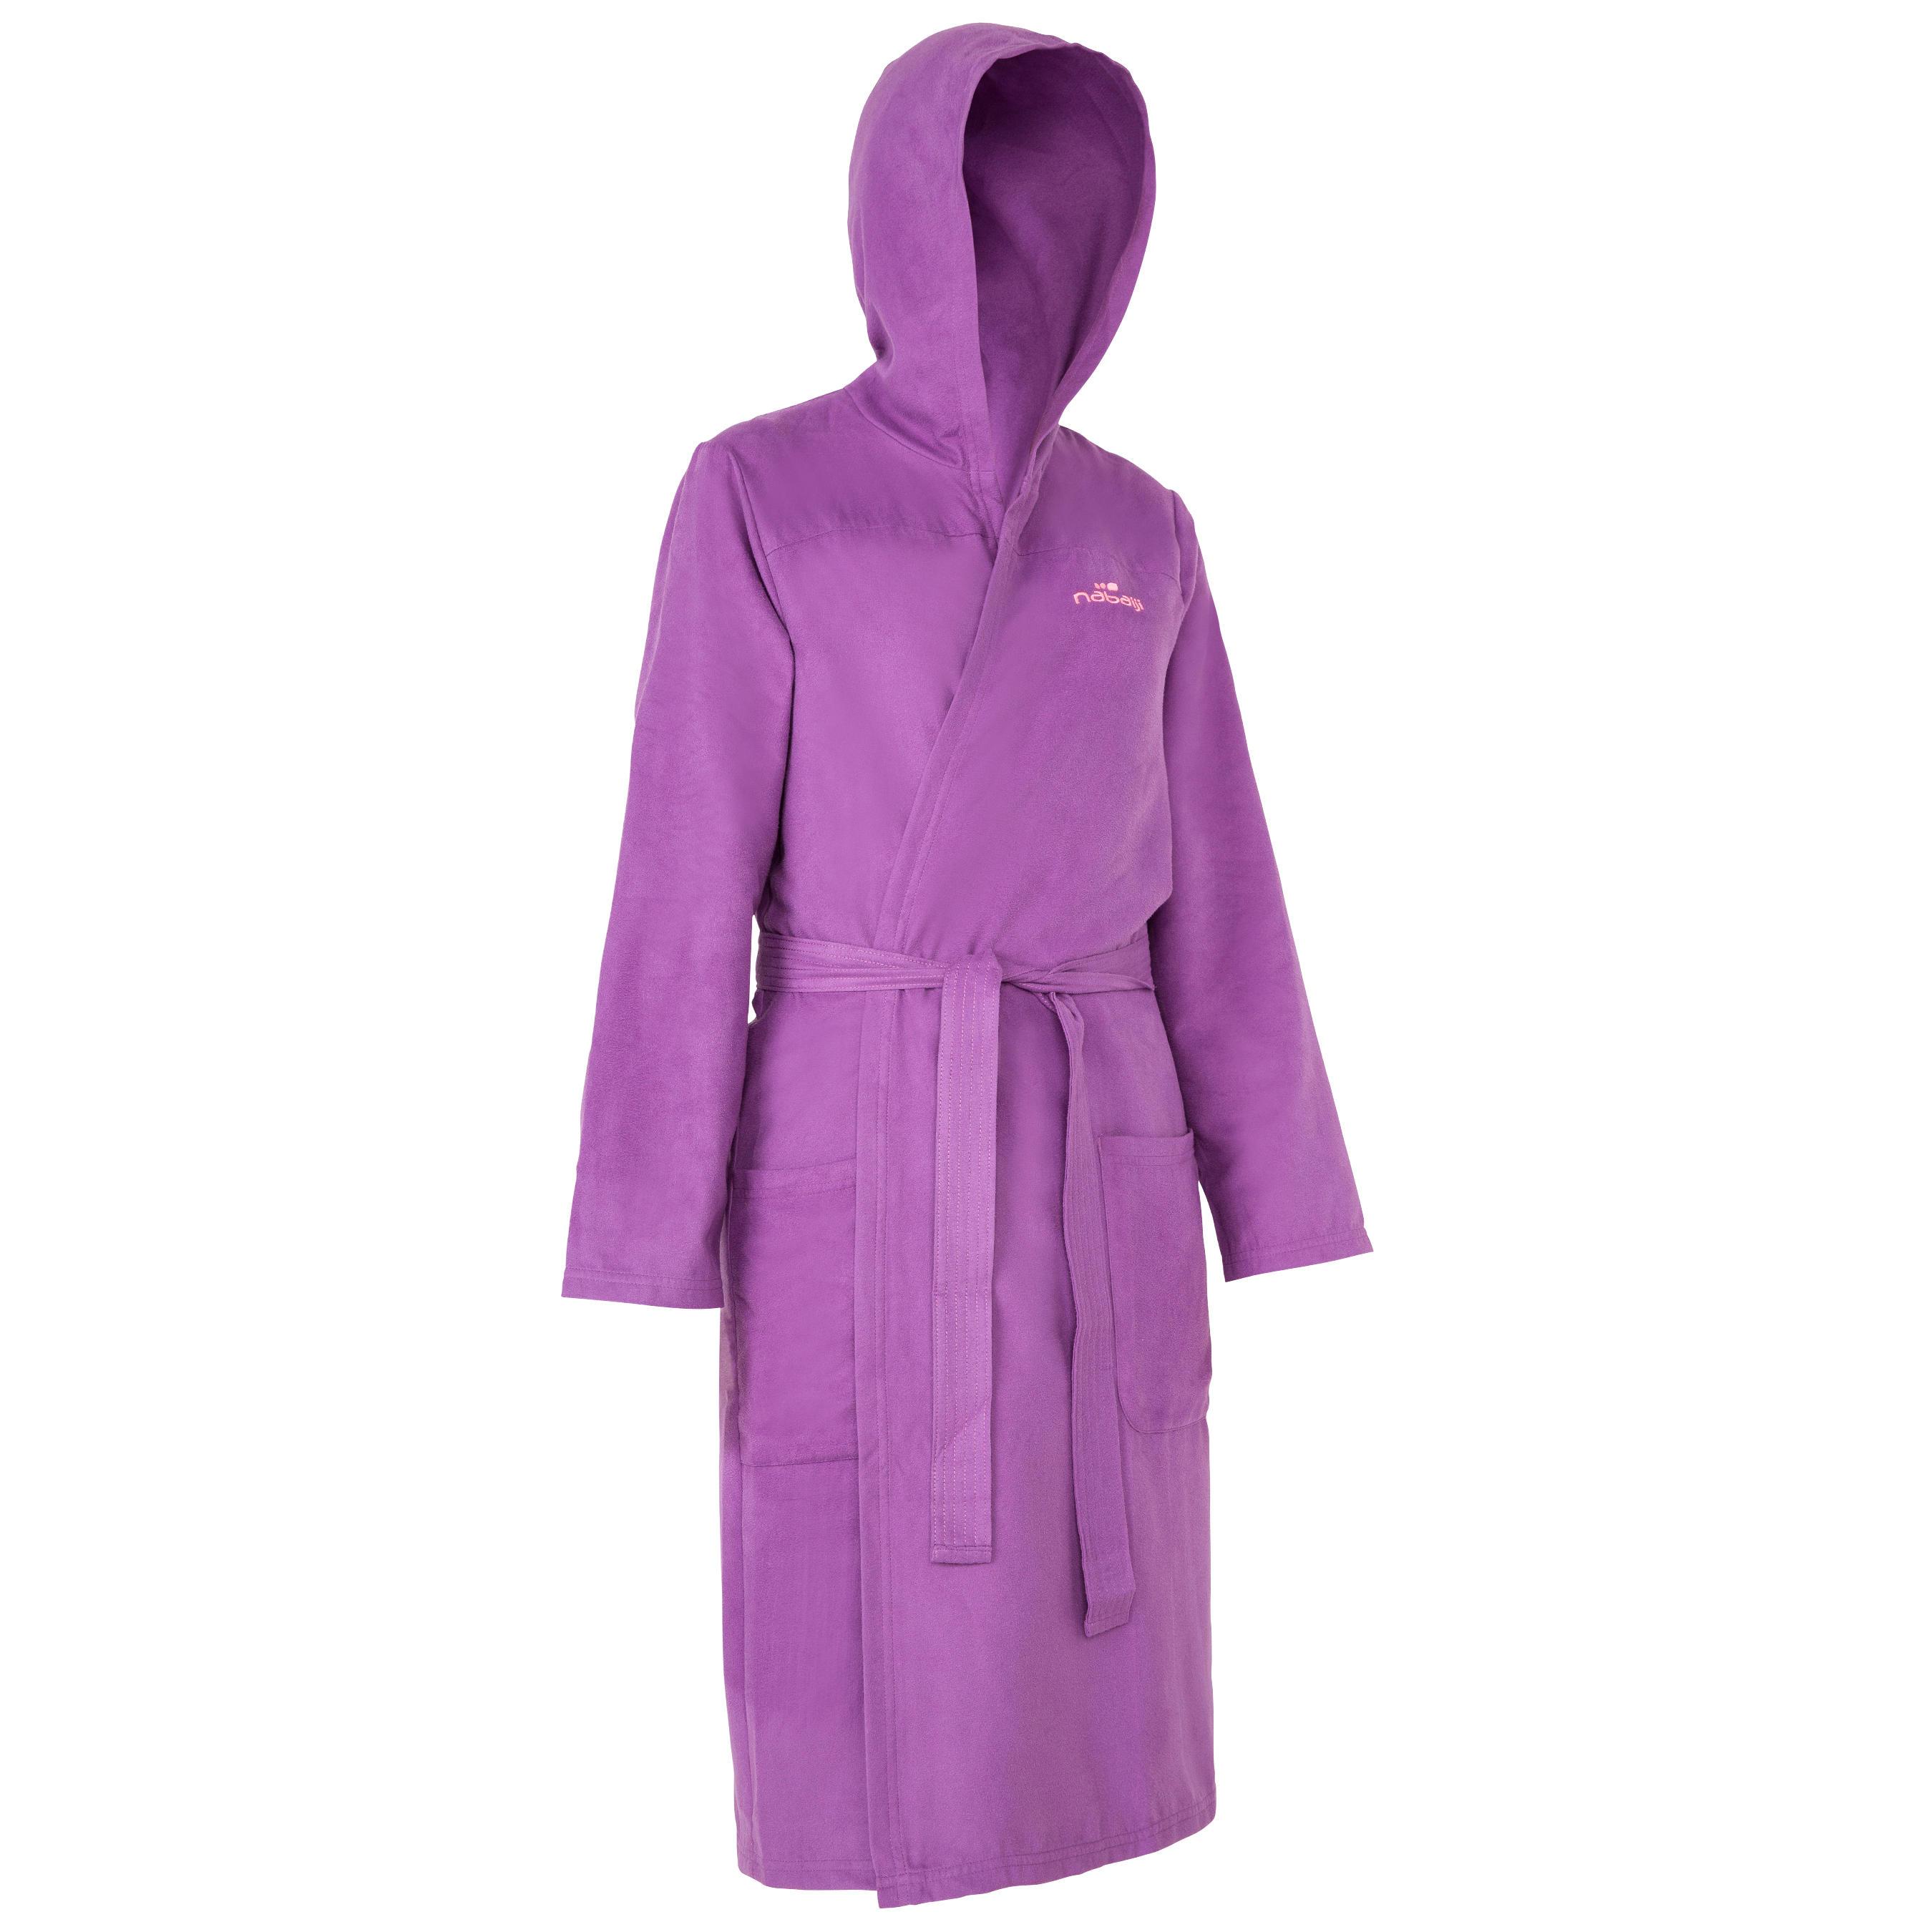 Peignoir microfibre natation femme violet avec capuchon, poches et ceinture